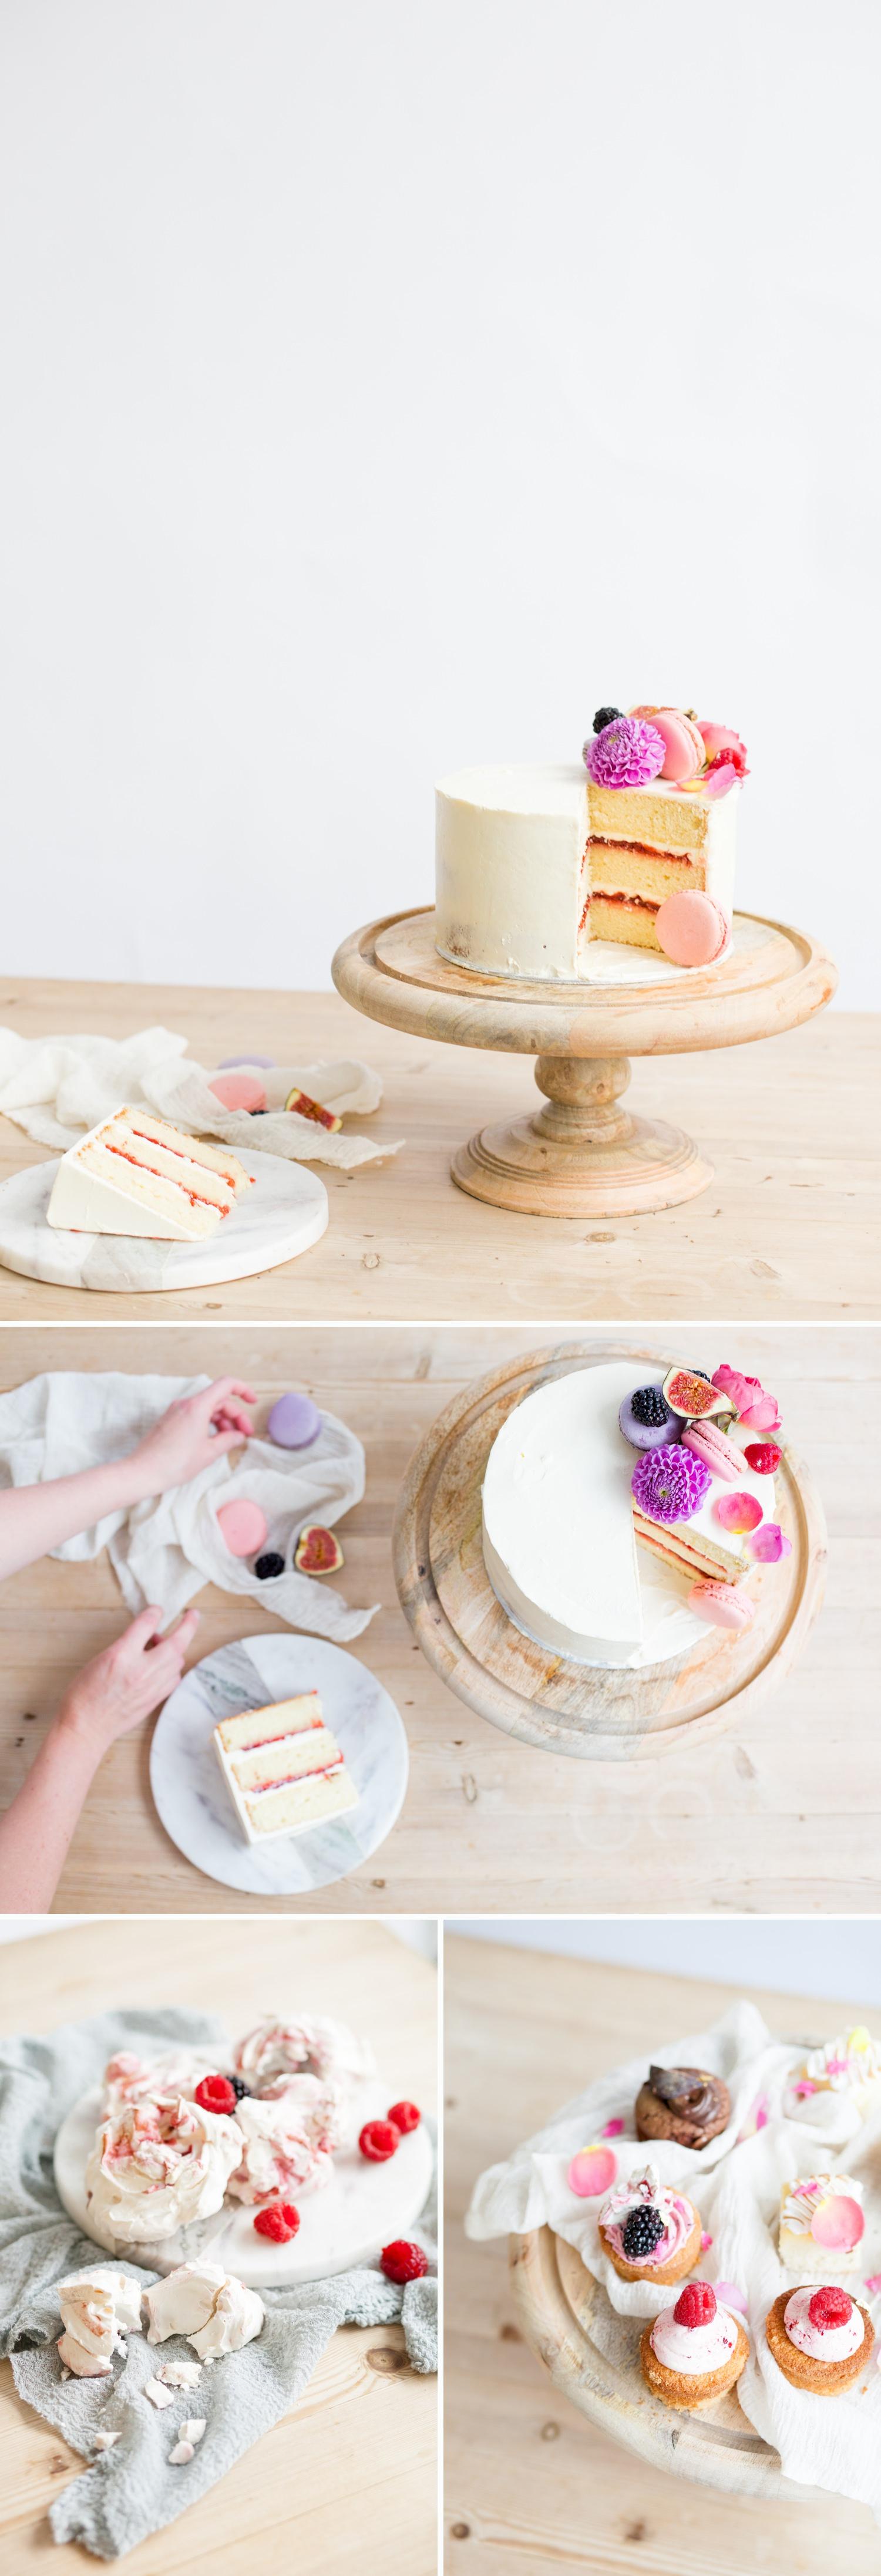 Personal branding shoot for Milk Street Kitchen - white cakes